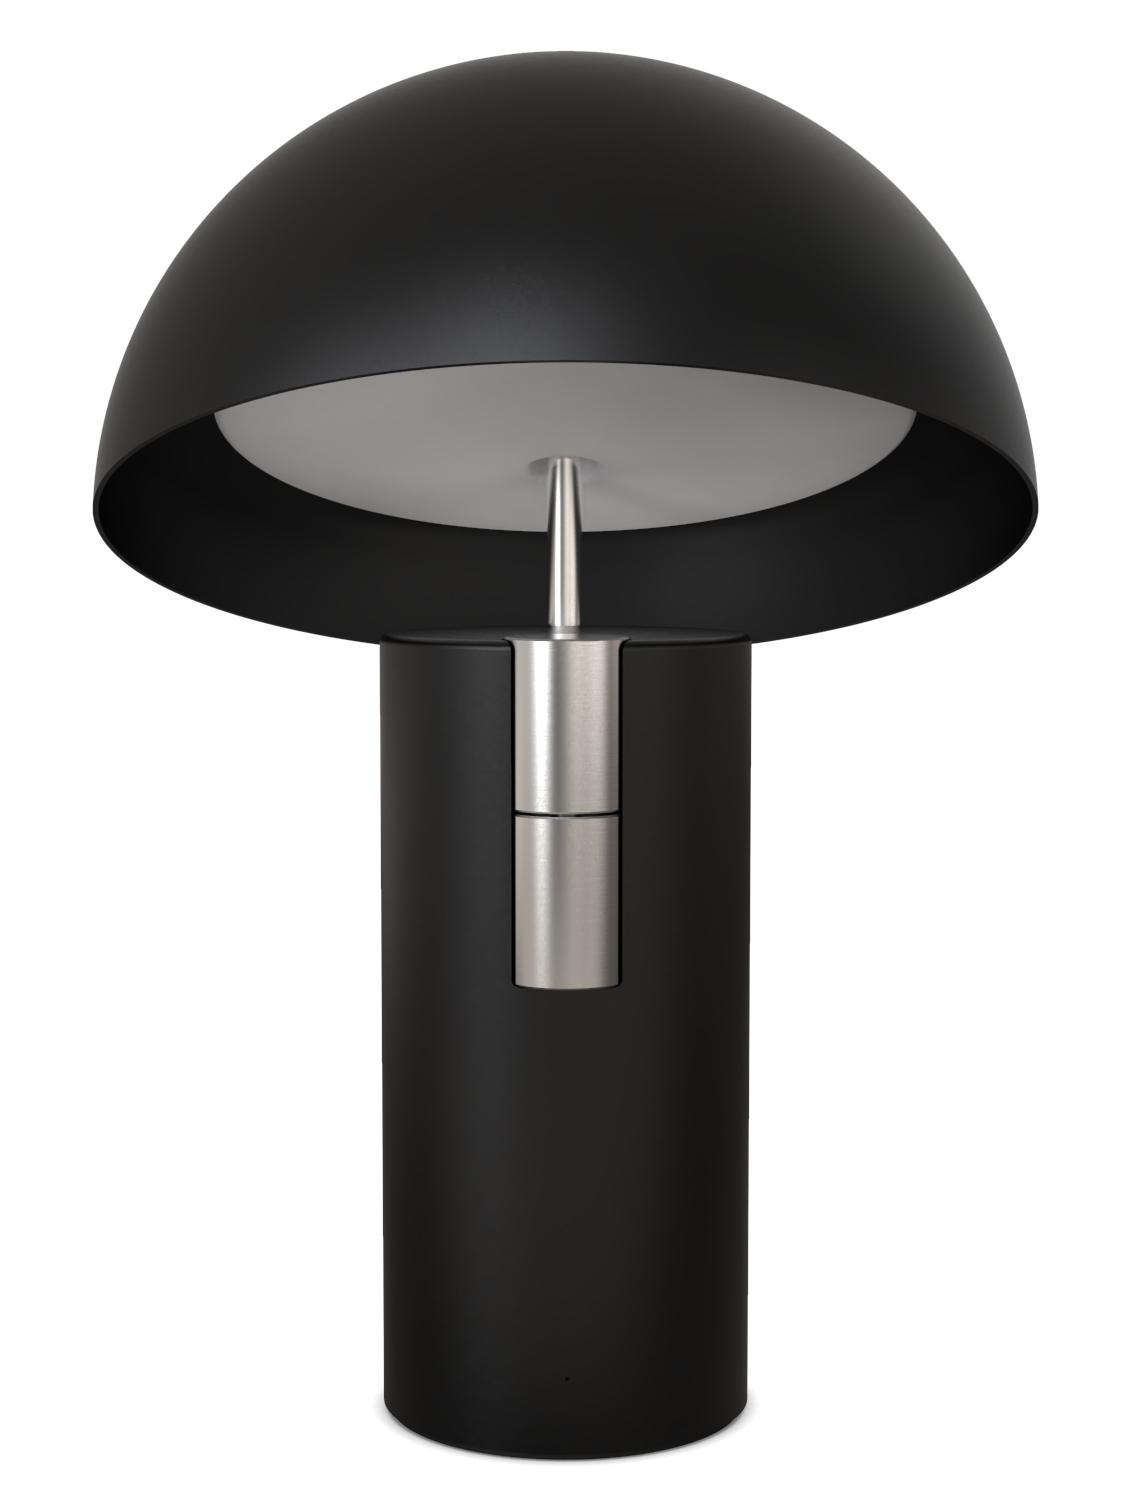 Alto - The bedside lamp - Noir c'est noir - Jaune Fabrique